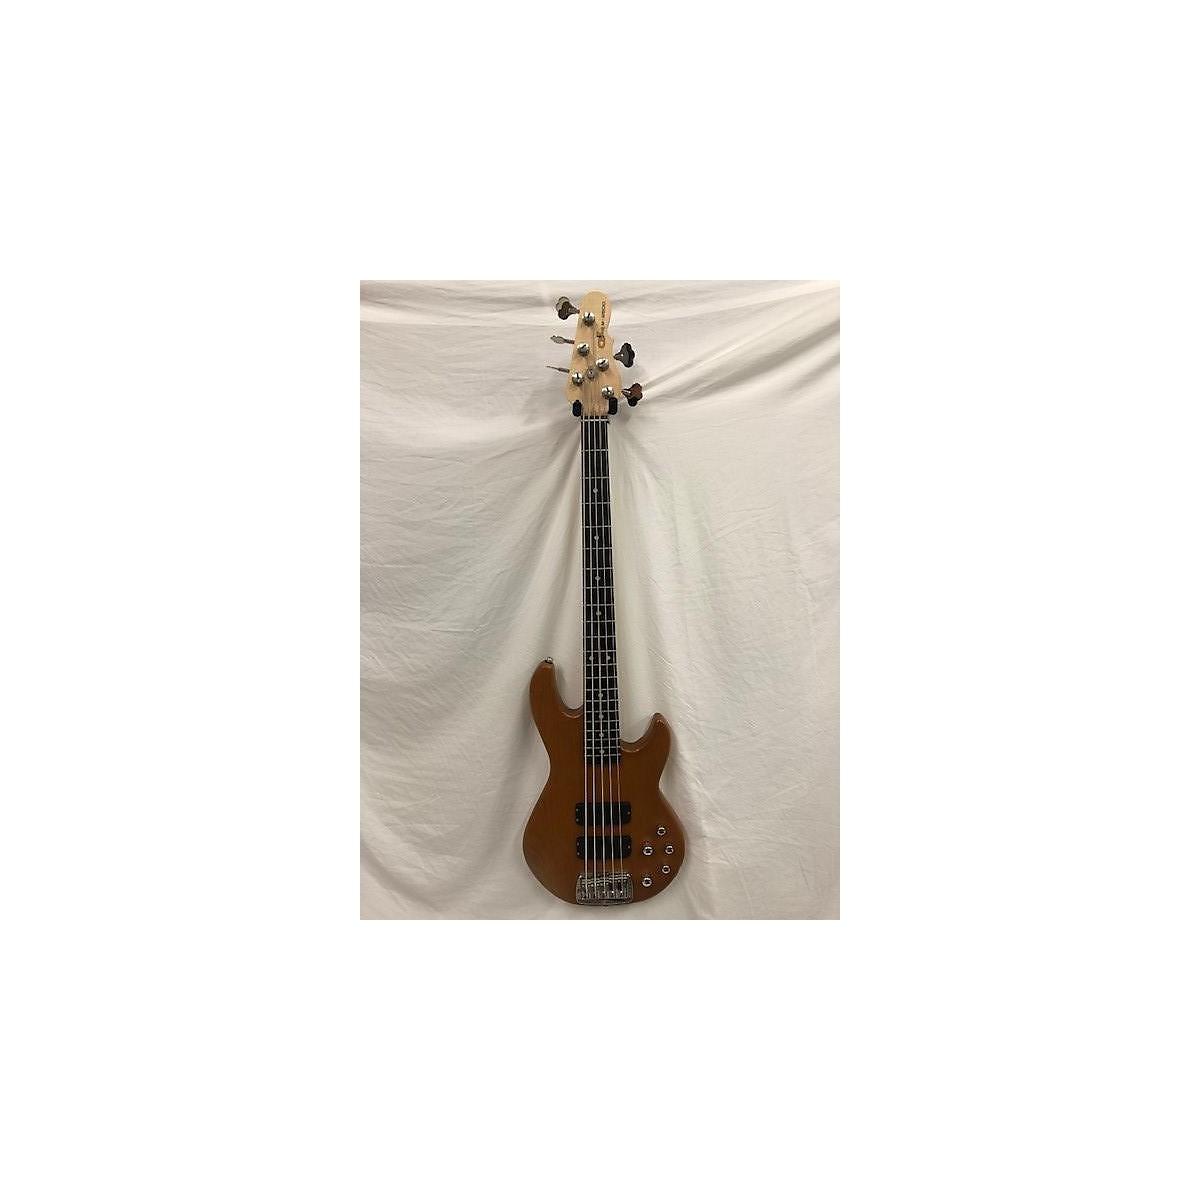 G&L M.2500 Electric Bass Guitar